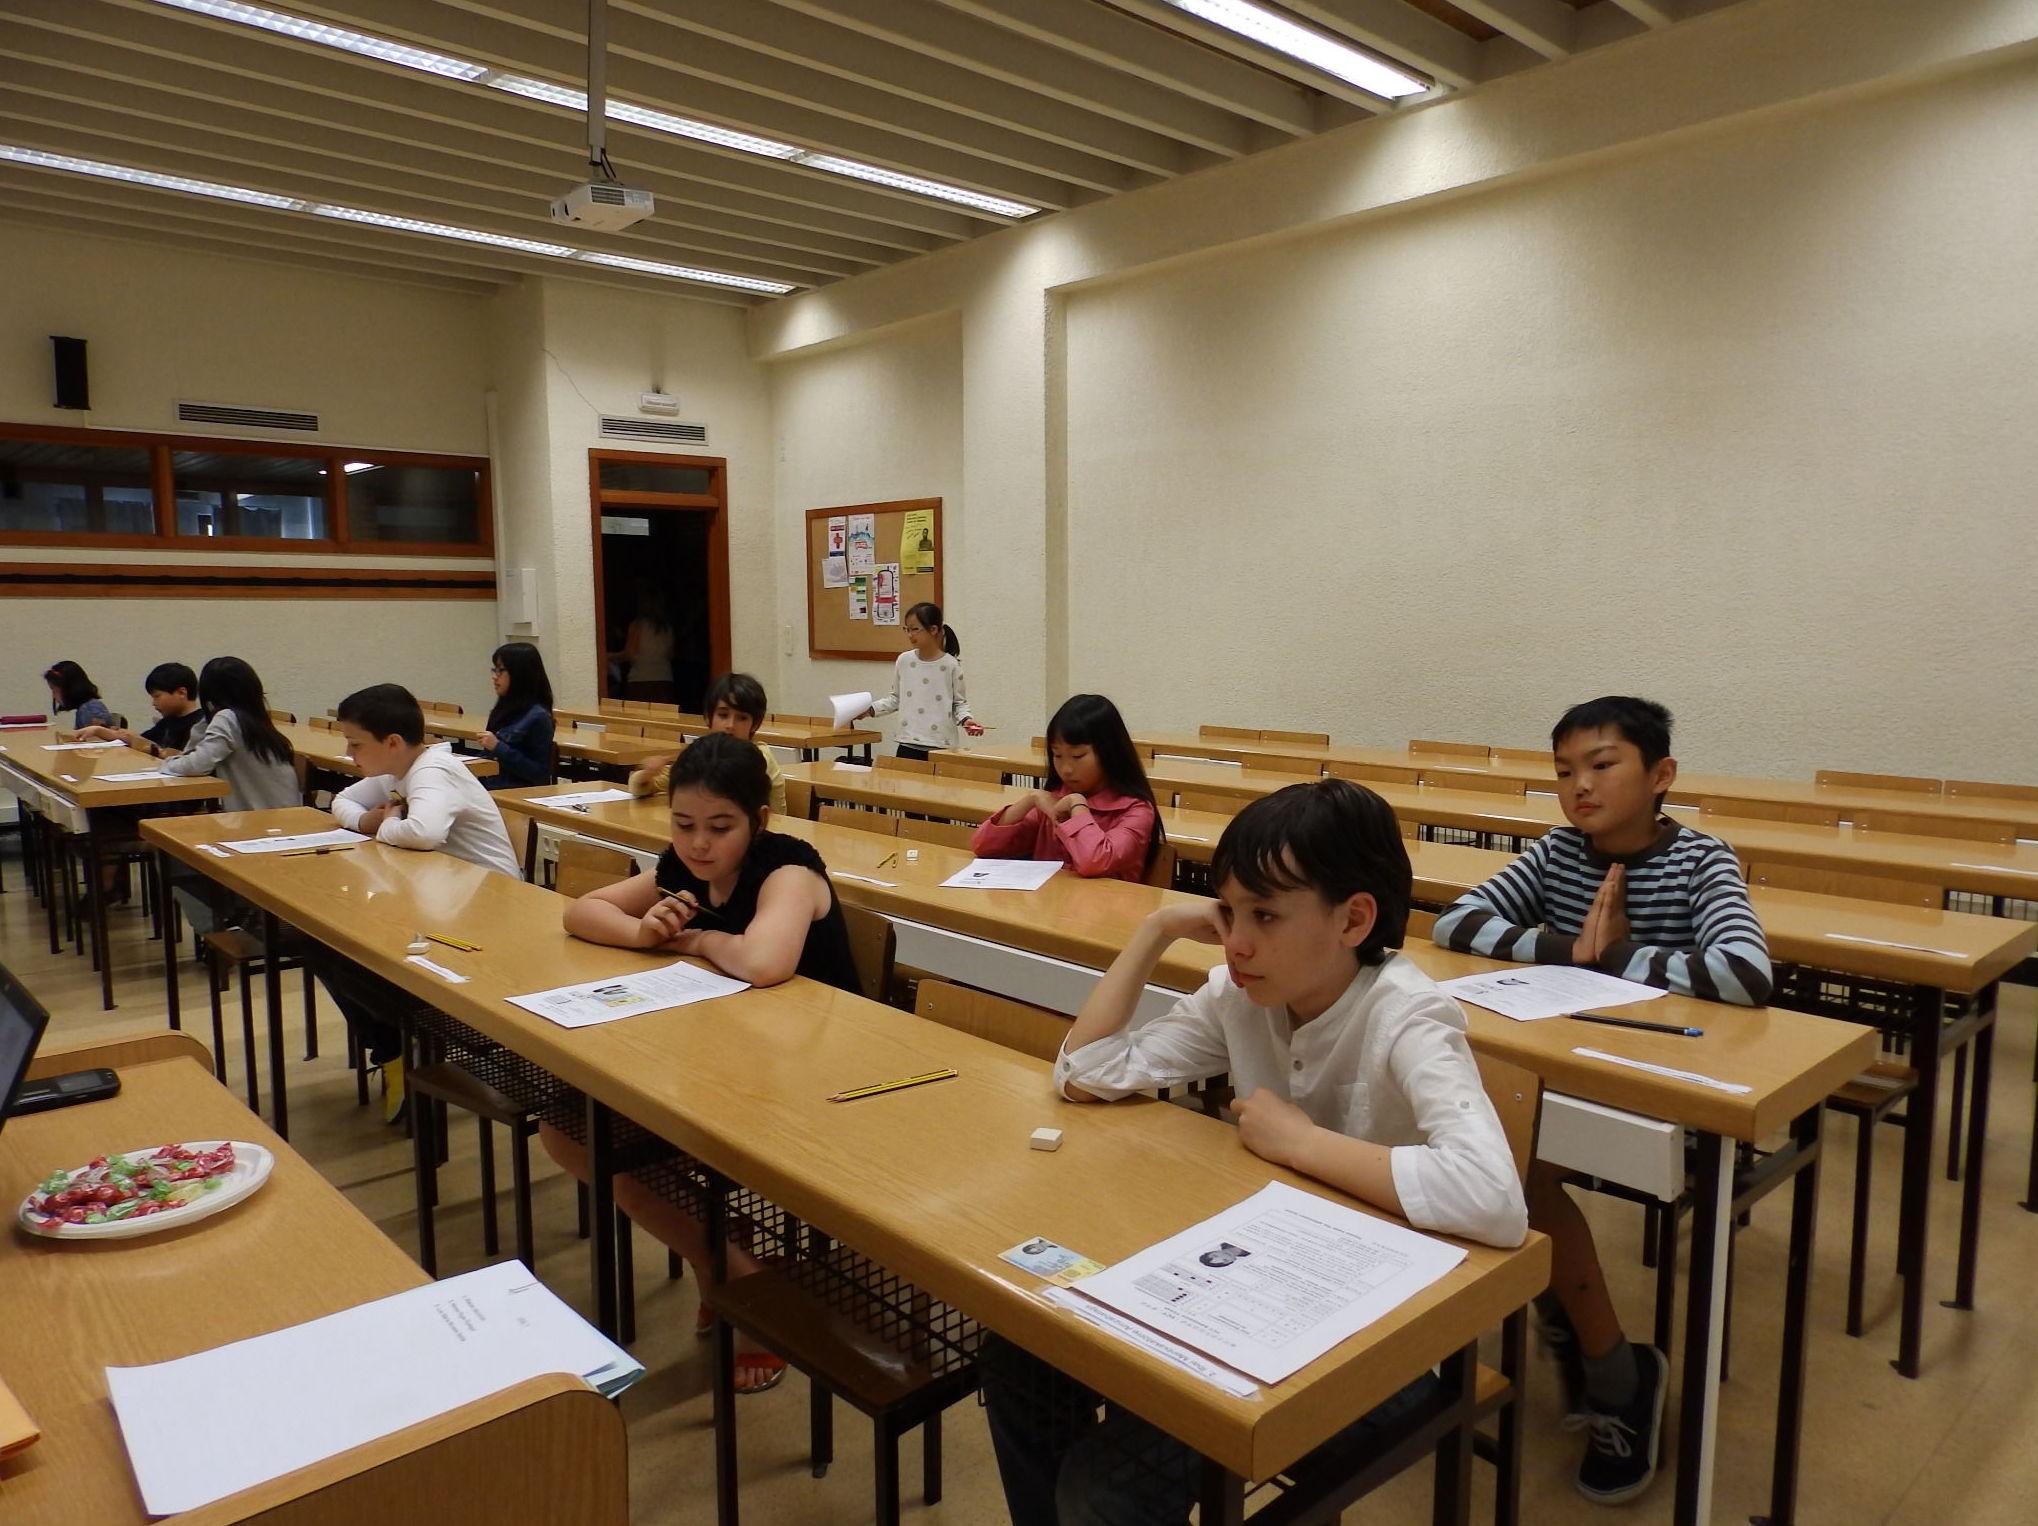 Foto 135 de Academia en Barakaldo   Academia de chino Barakaldo